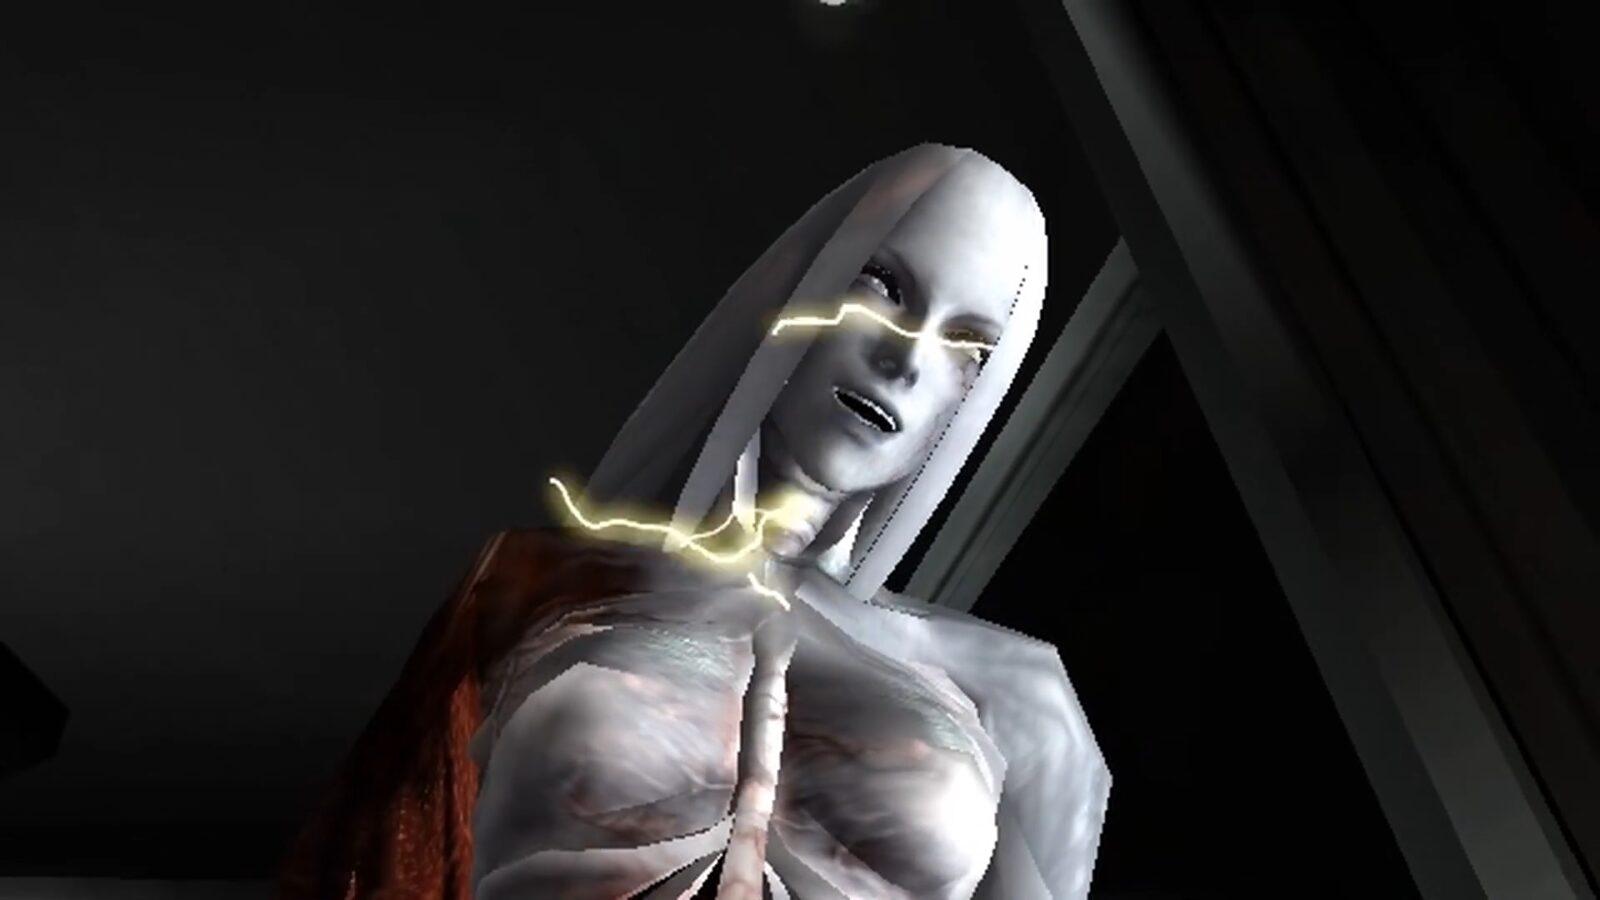 Morpheus D. Duvall Resident Evil Dead Aim